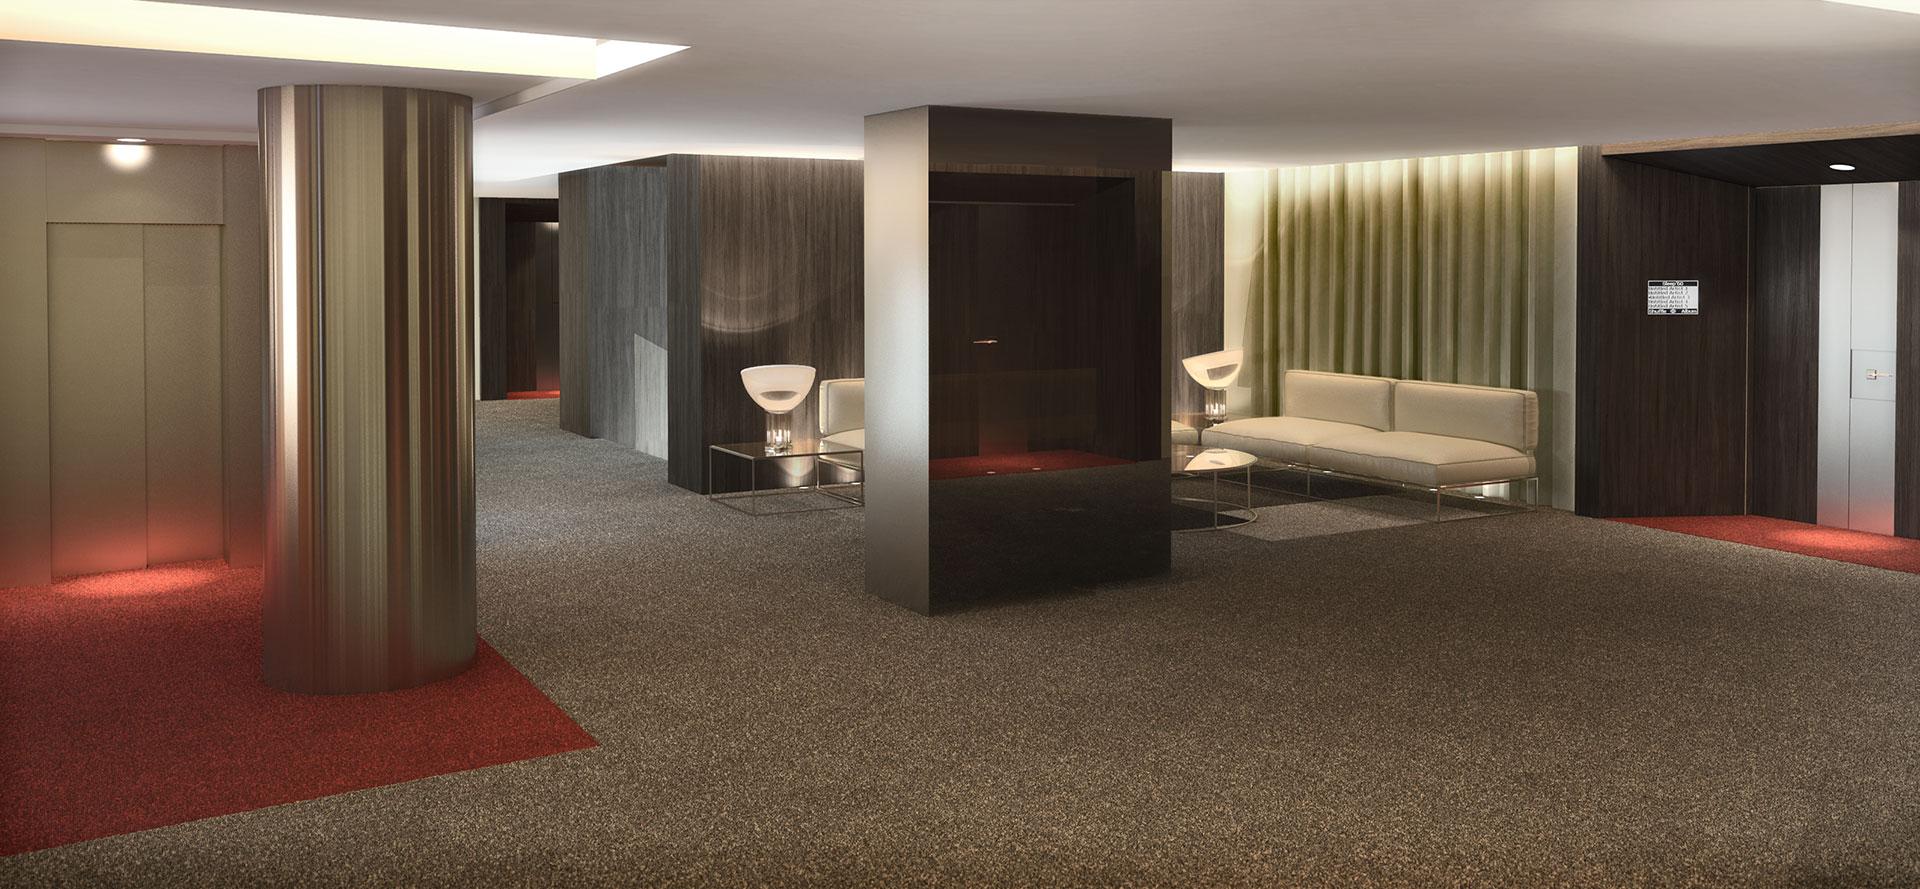 interiores 3D Hotel